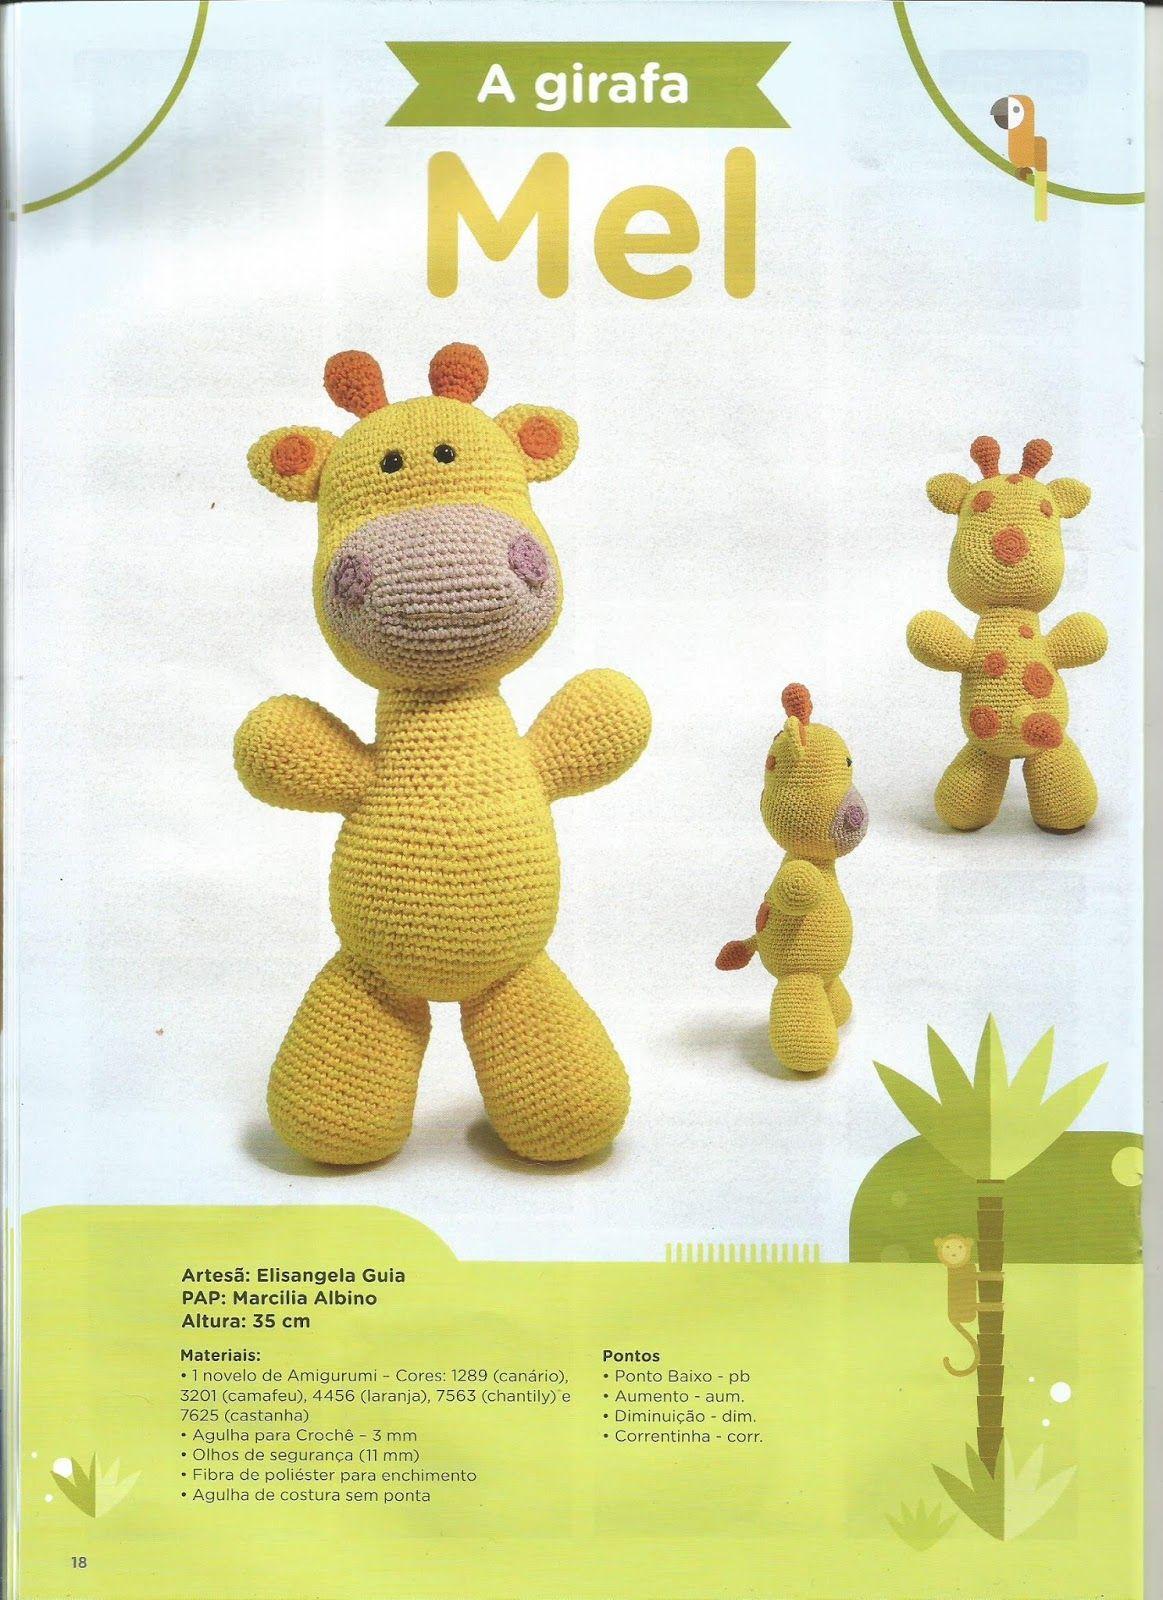 Belas Artes Crochê e Cia: Girafa Amigurumi - Receita | 1600x1163